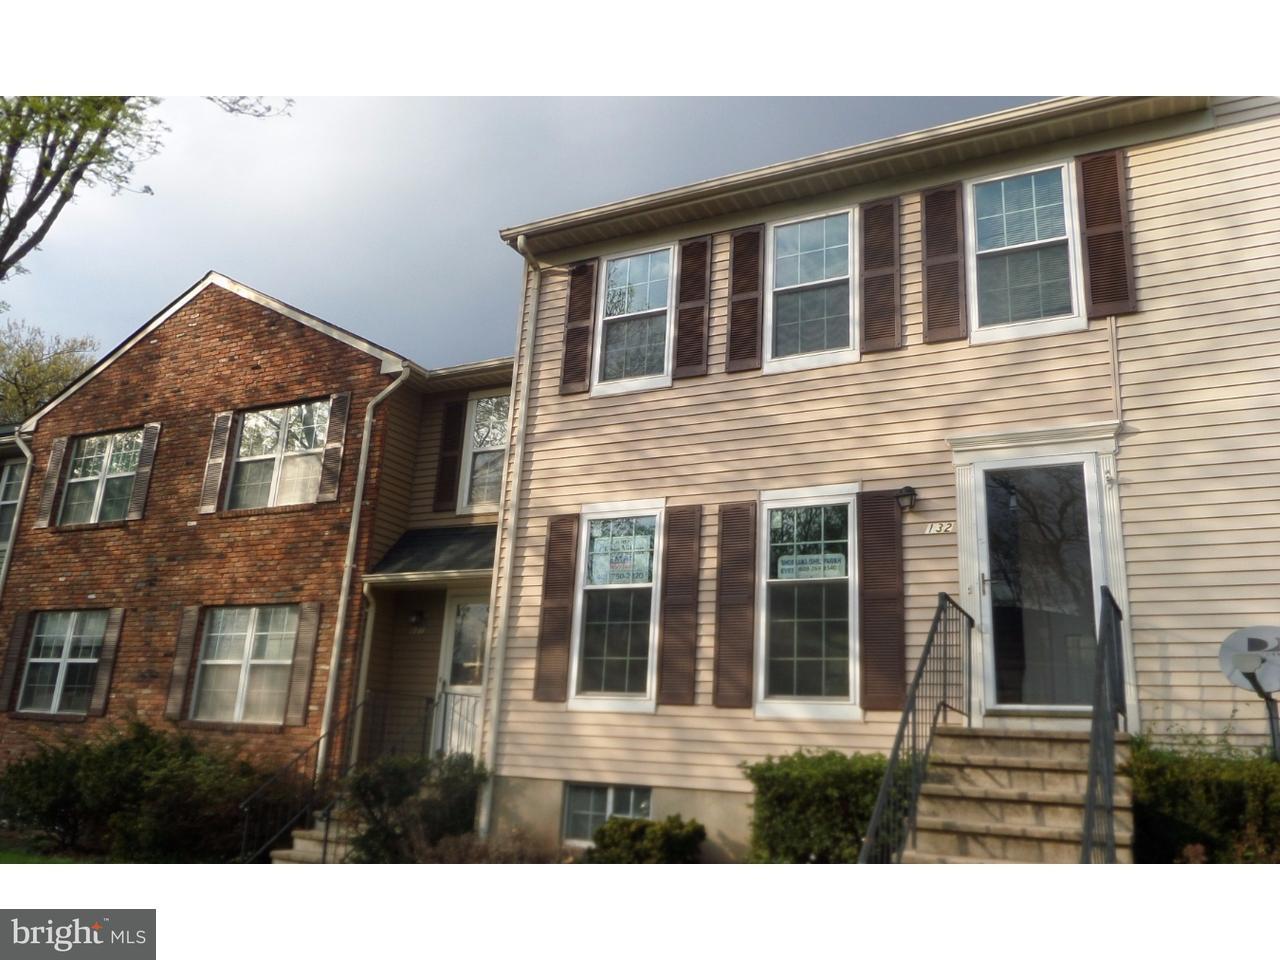 Appartement en copropriété pour l à louer à 132 SELBY Court Franklin, New Jersey 08873 États-UnisDans/Autour: Franklin Twp